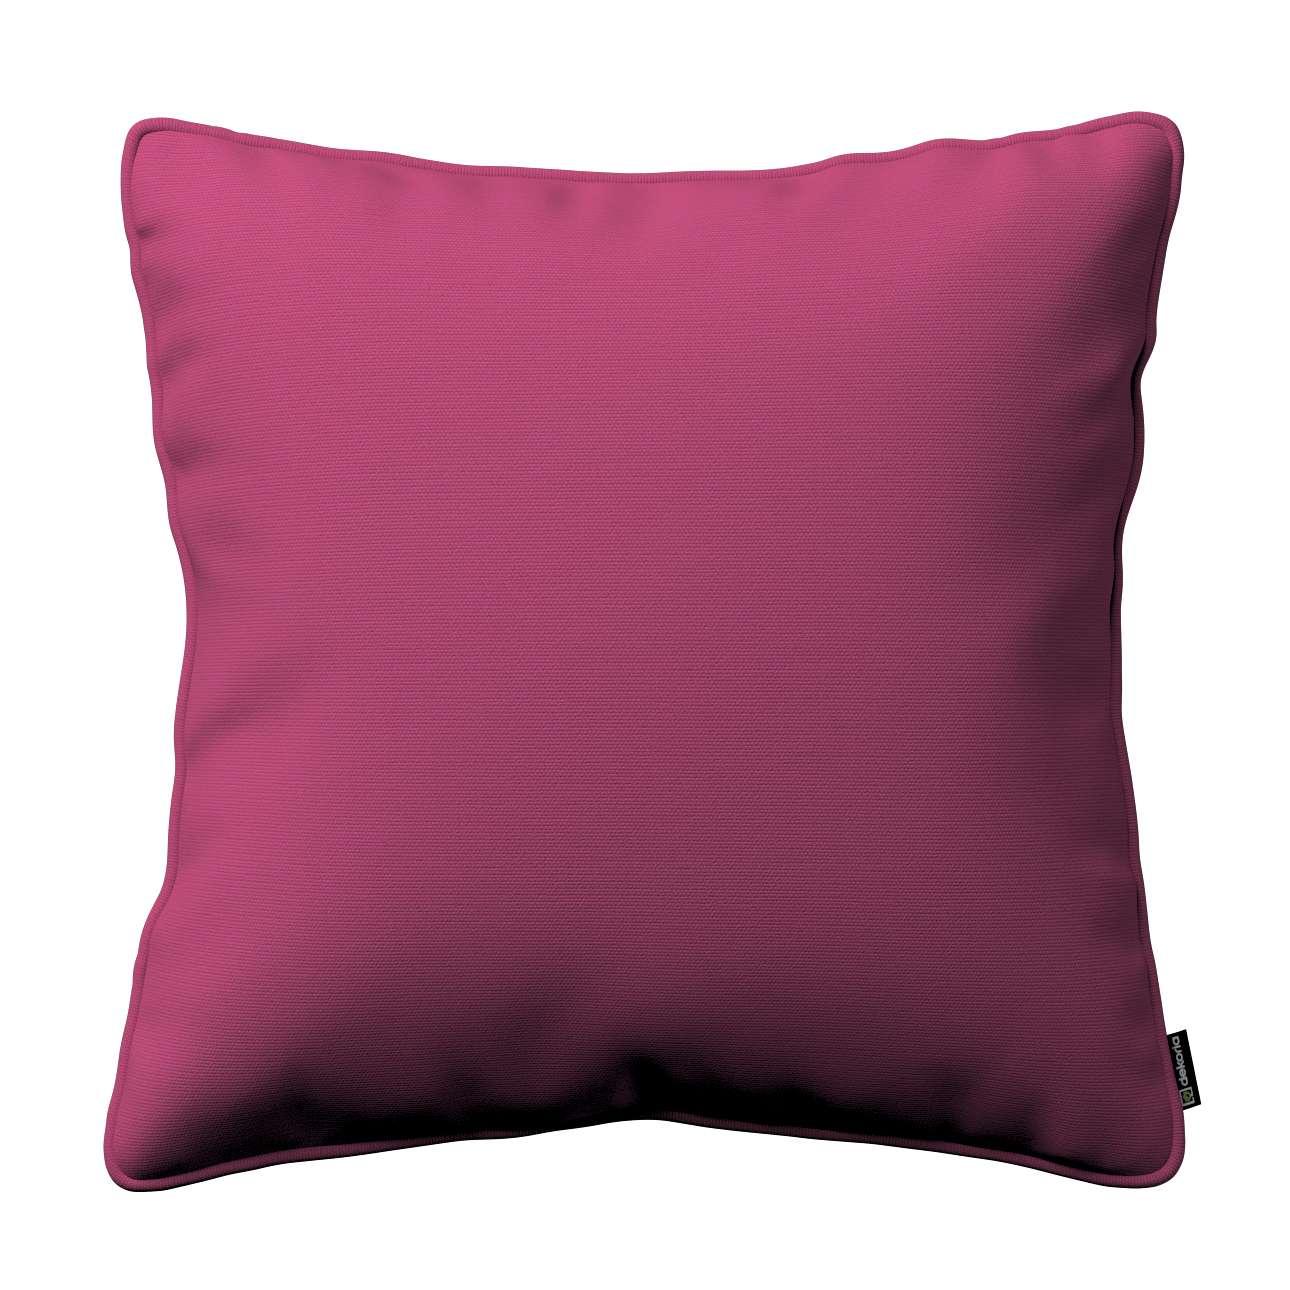 Poszewka Gabi na poduszkę 45 x 45 cm w kolekcji Cotton Panama, tkanina: 702-32